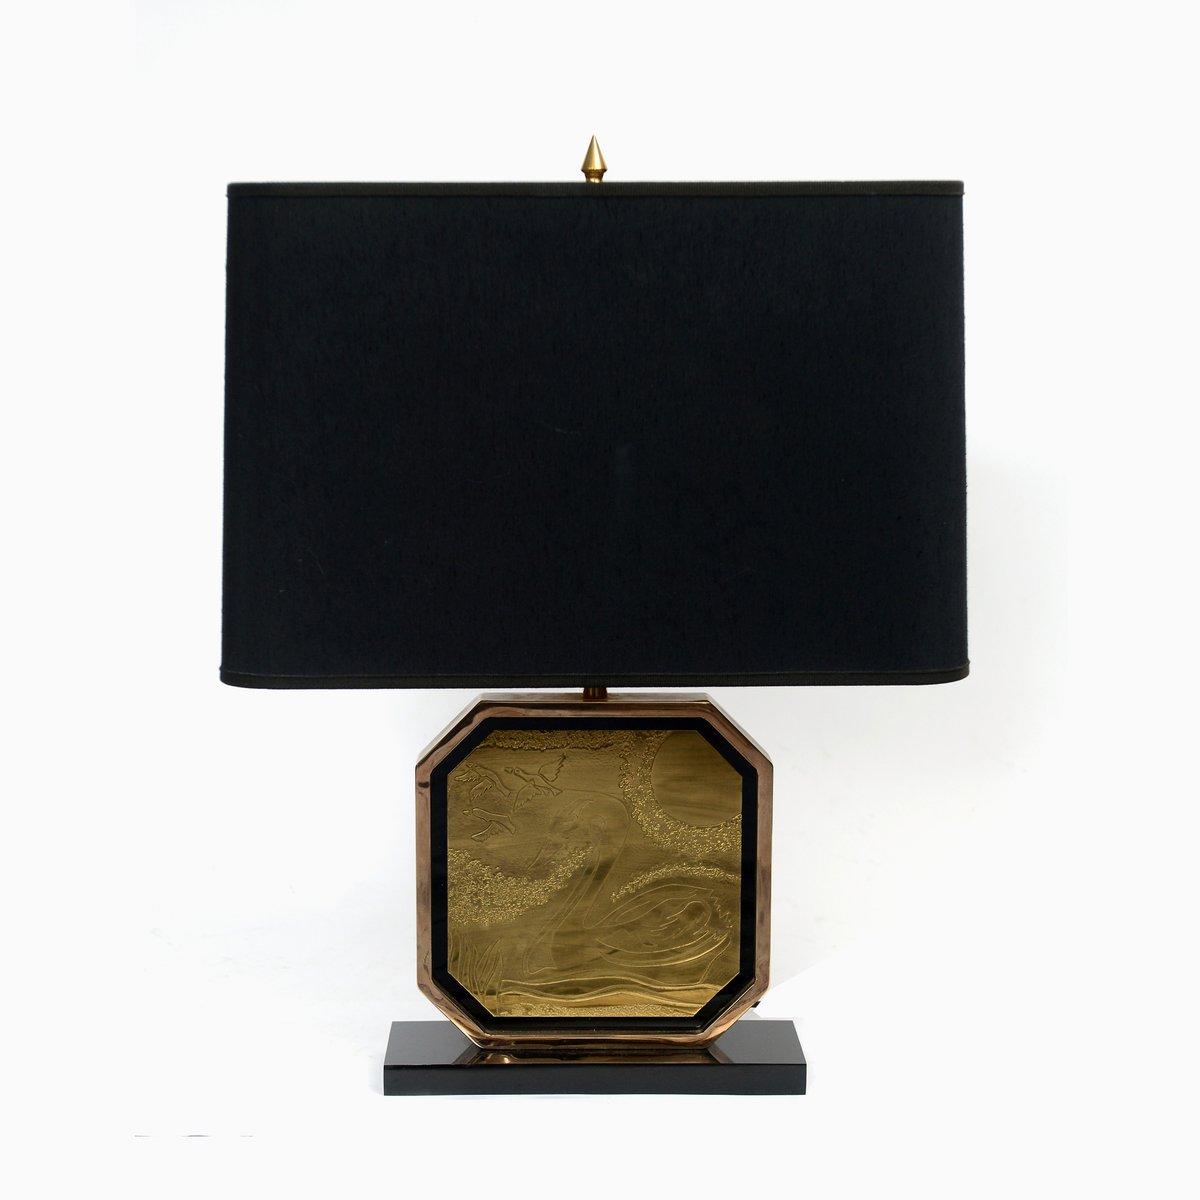 23 Karat Vergoldete Tischlampe aus Geätztem Messing von George Matthia...